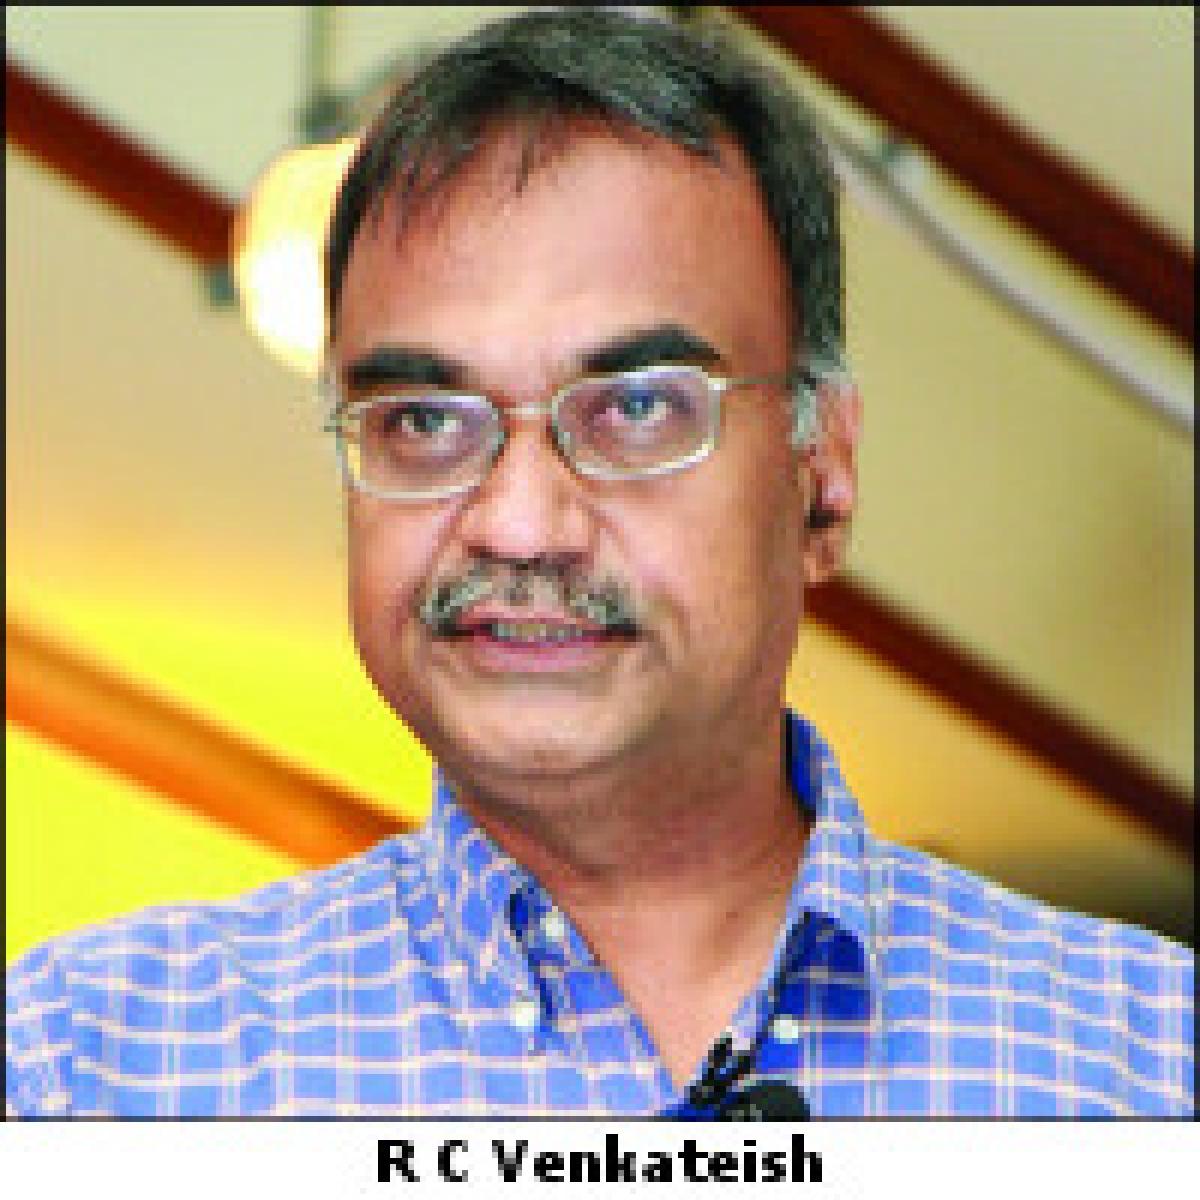 Dish TV CEO R C Venkateish steps down